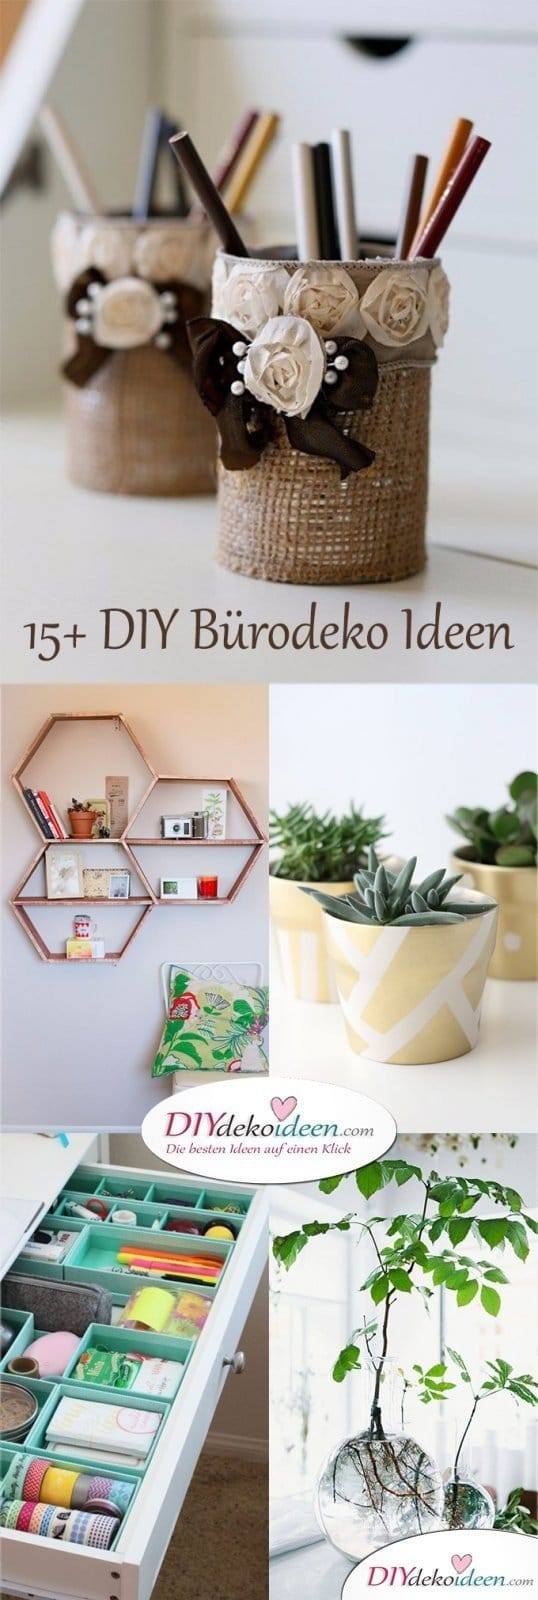 Gib Deinem Arbeitsplatz Eine Eigene Note 15 Diy Burodeko Ideen